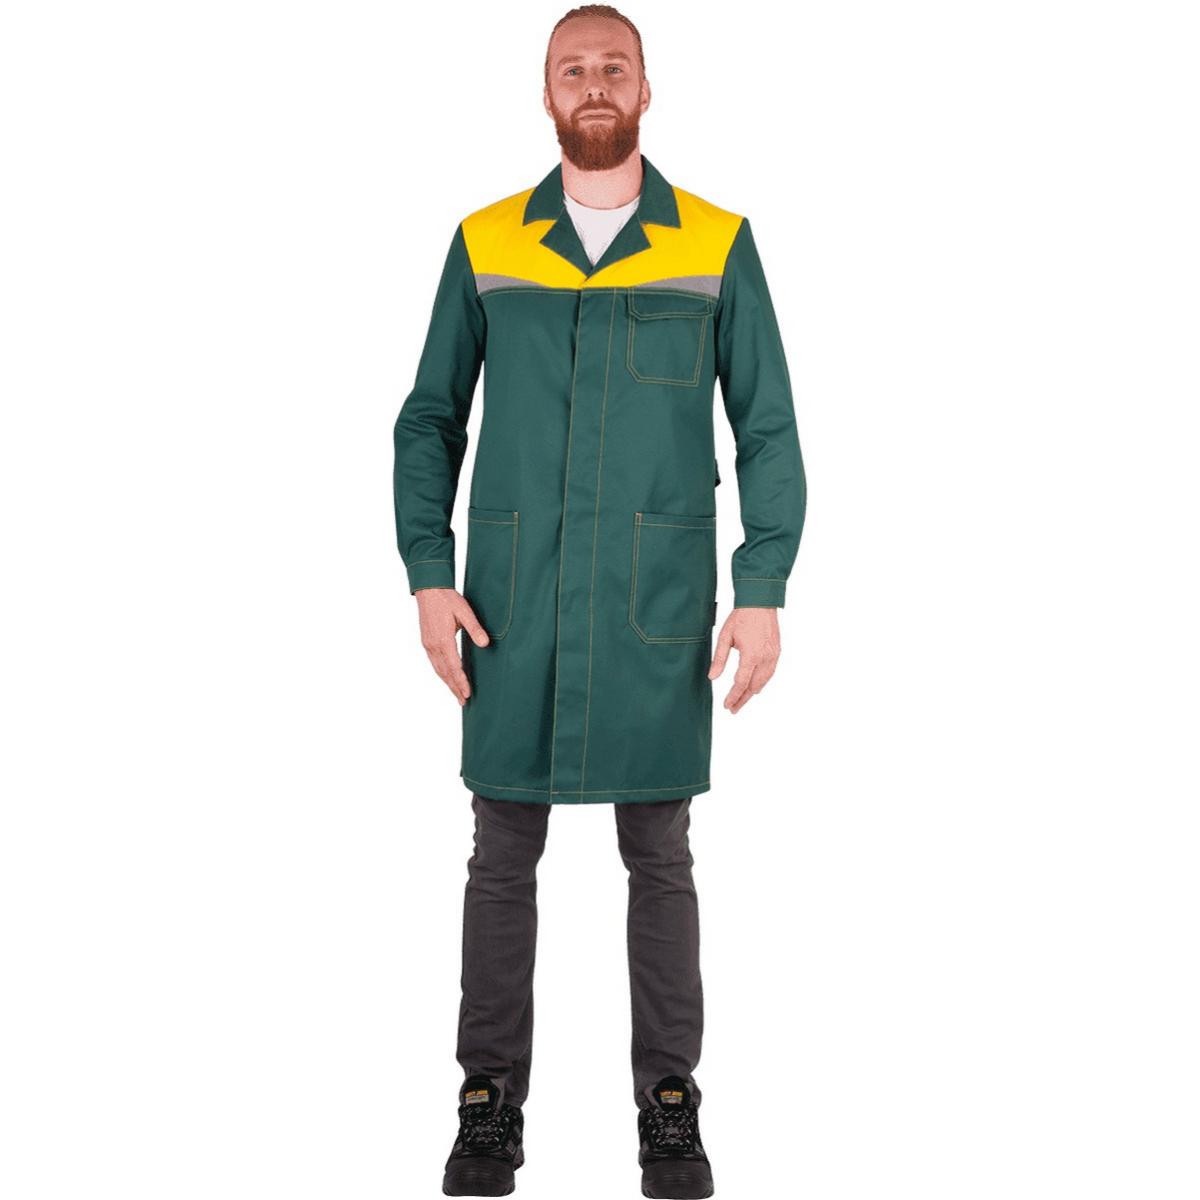 Халат КМ-10 ЛЮКС зеленый-жёлтый (разм. 96-100 рост 182-188)